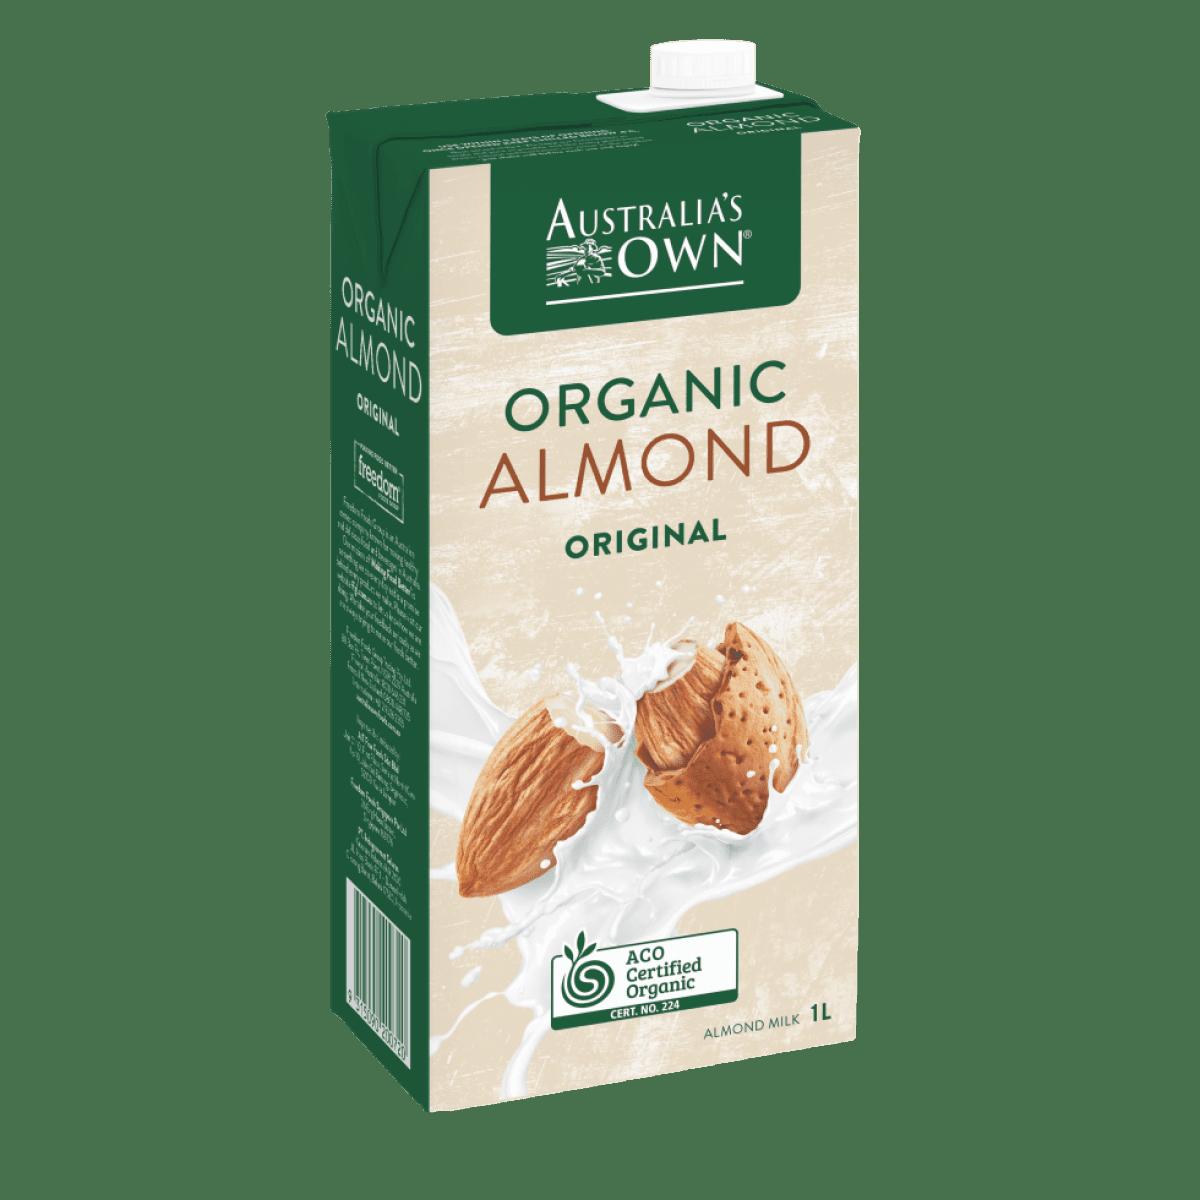 Susu almond organik ini cocok dikonsumsi oleh ibu hamil (Foto: Australia's Own)